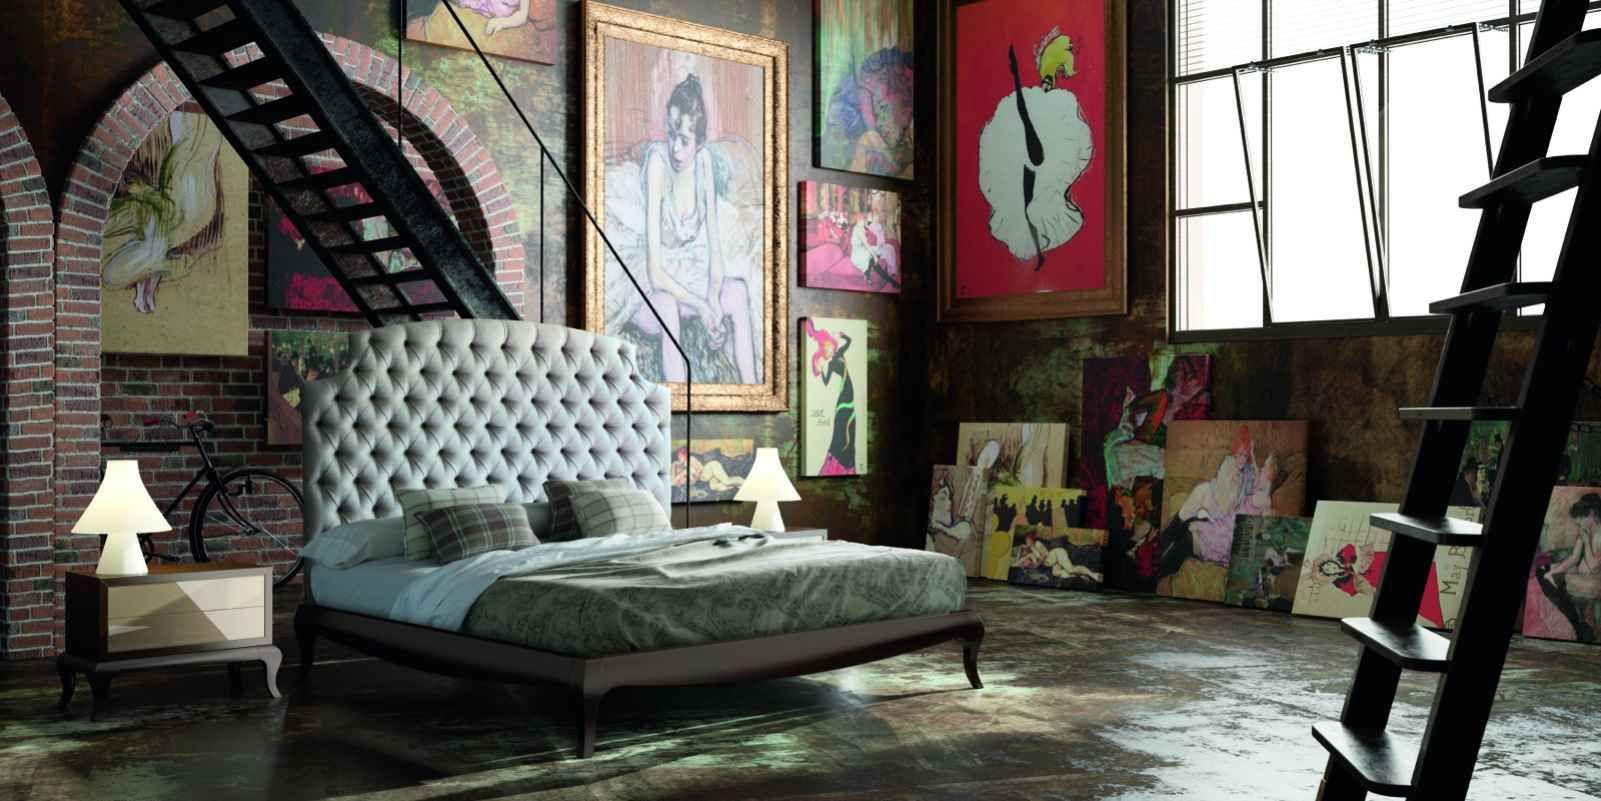 Nachttisch schlafzimmer ~ Die besten hölzerner nachttisch ideen auf paletten